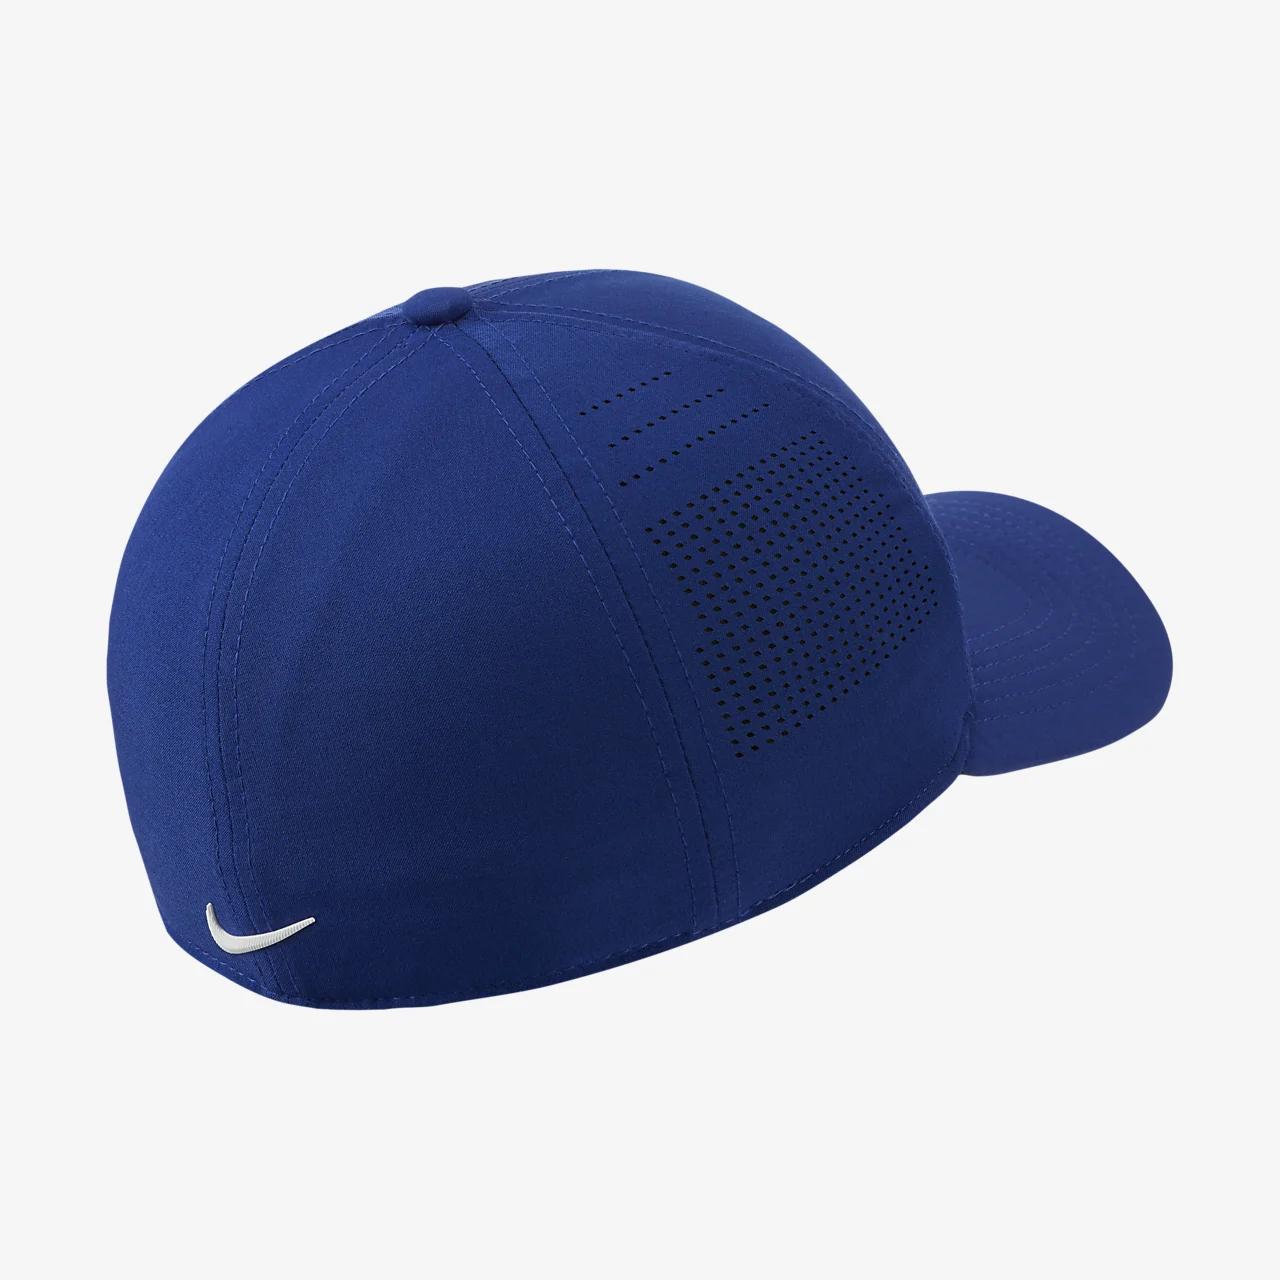 나이키 에어로빌 클래식 99 골프 모자 BV1073-455